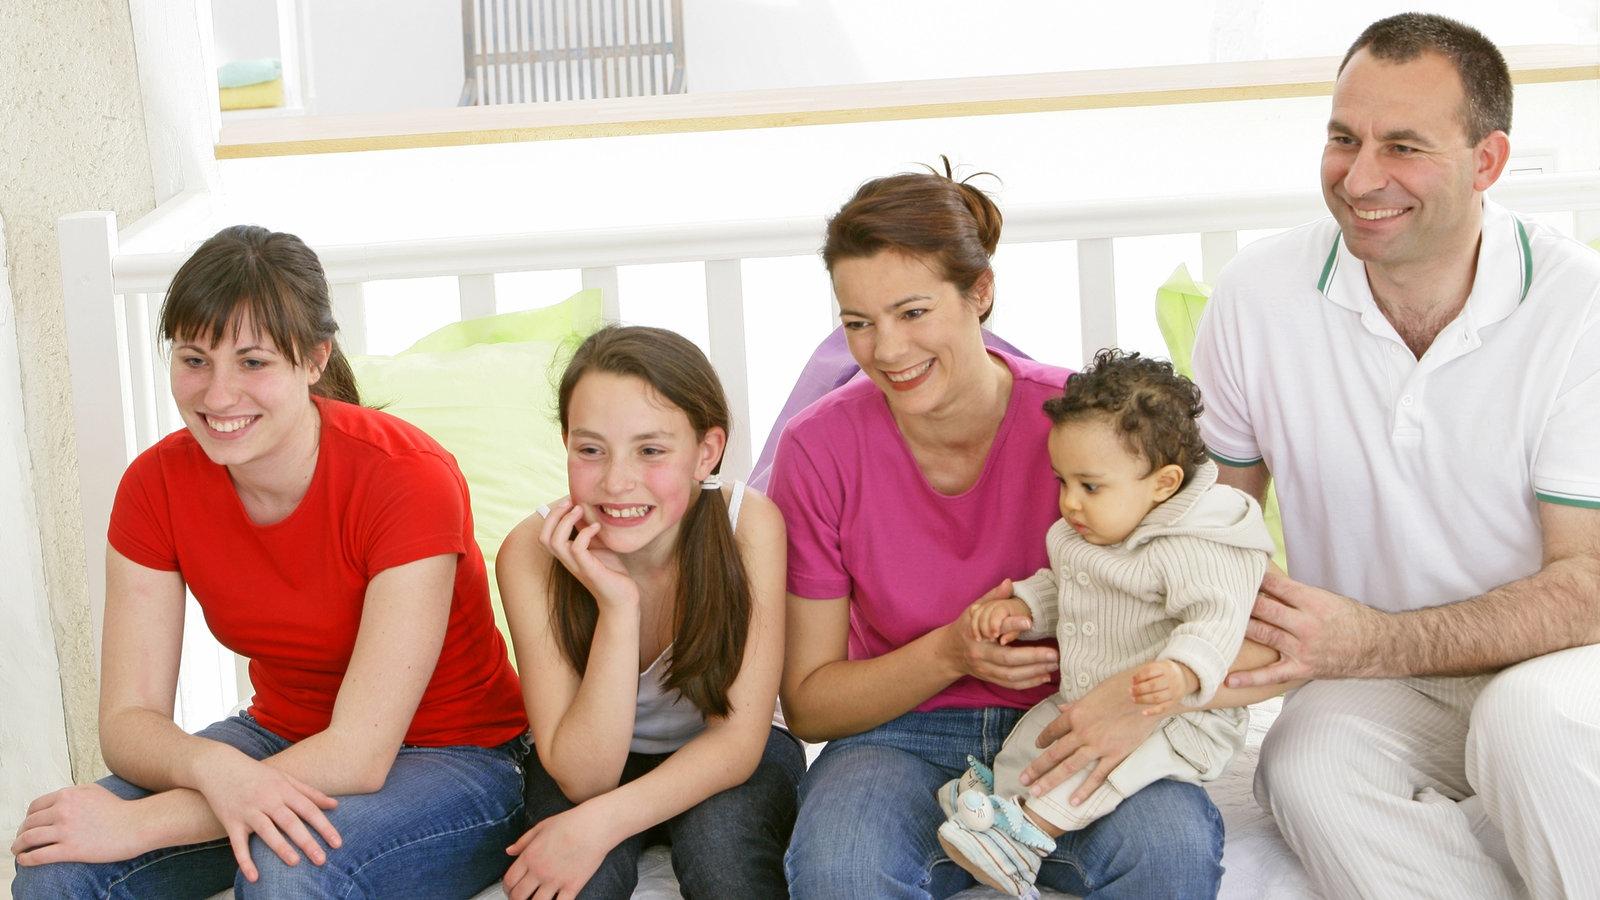 familie adoptivkinder familie gesellschaft planet wissen. Black Bedroom Furniture Sets. Home Design Ideas